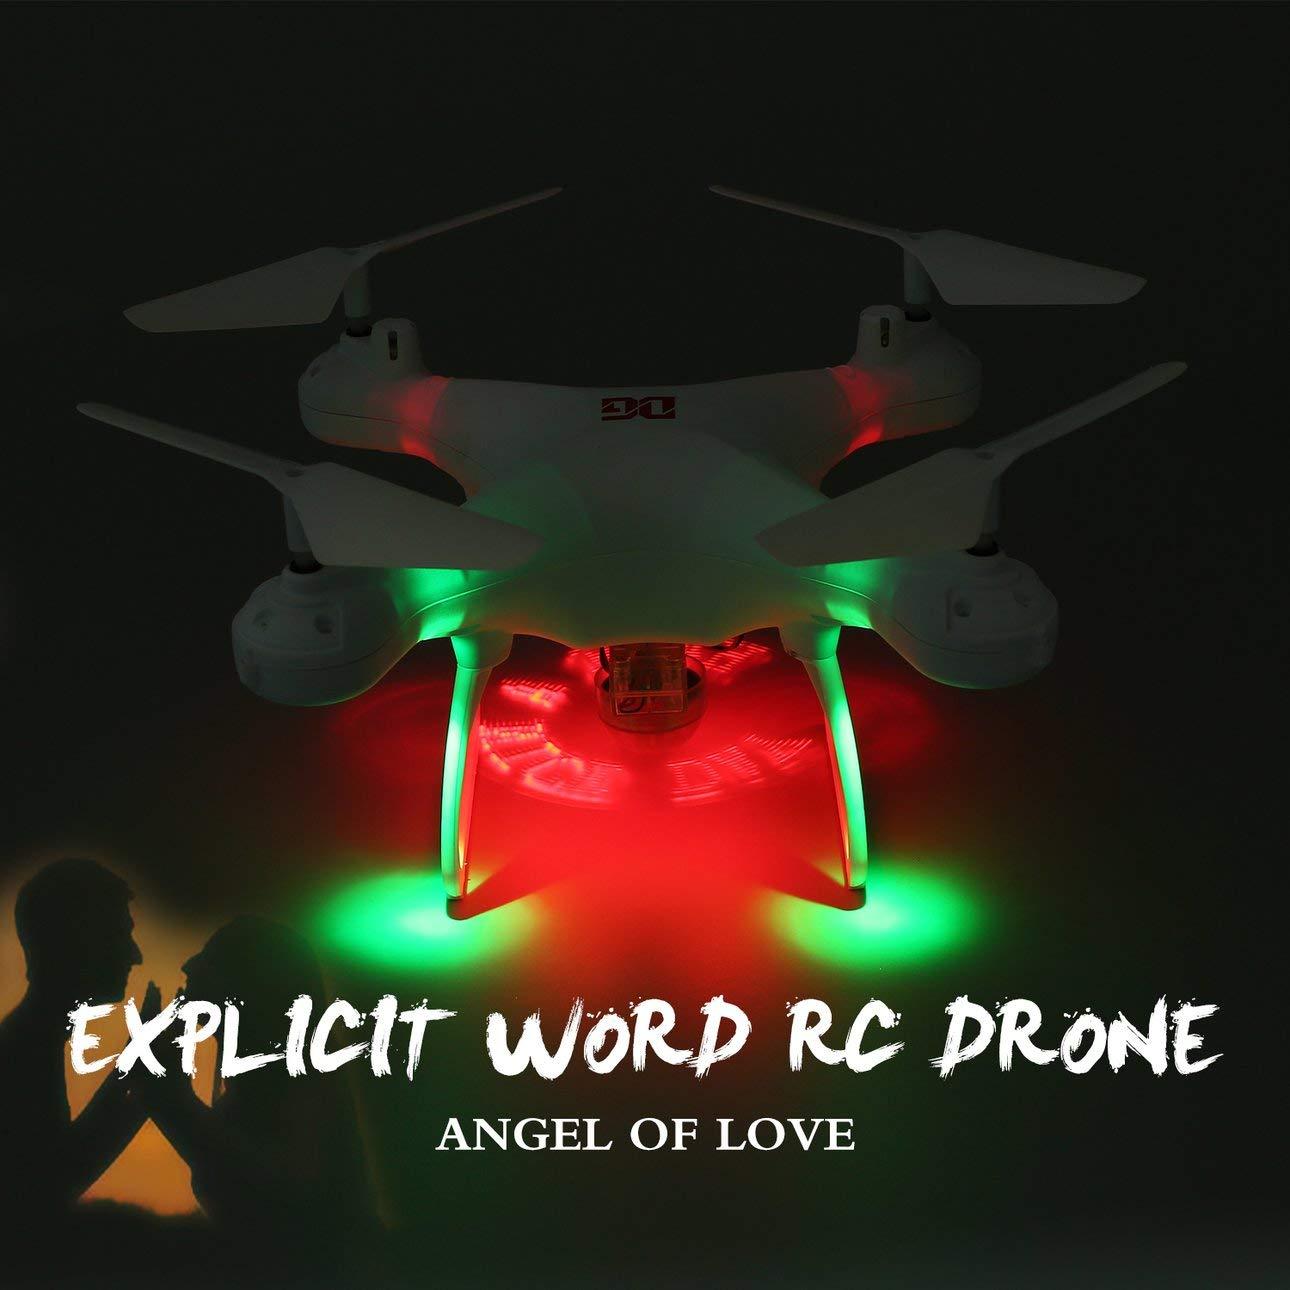 Ballylelly-Drohne XG183 RC 2,4G RC Drohne Drohne Drohne mit Höhe Halten LED Flash Wort Programmierbare Requisiten von Ballylyly 11e105